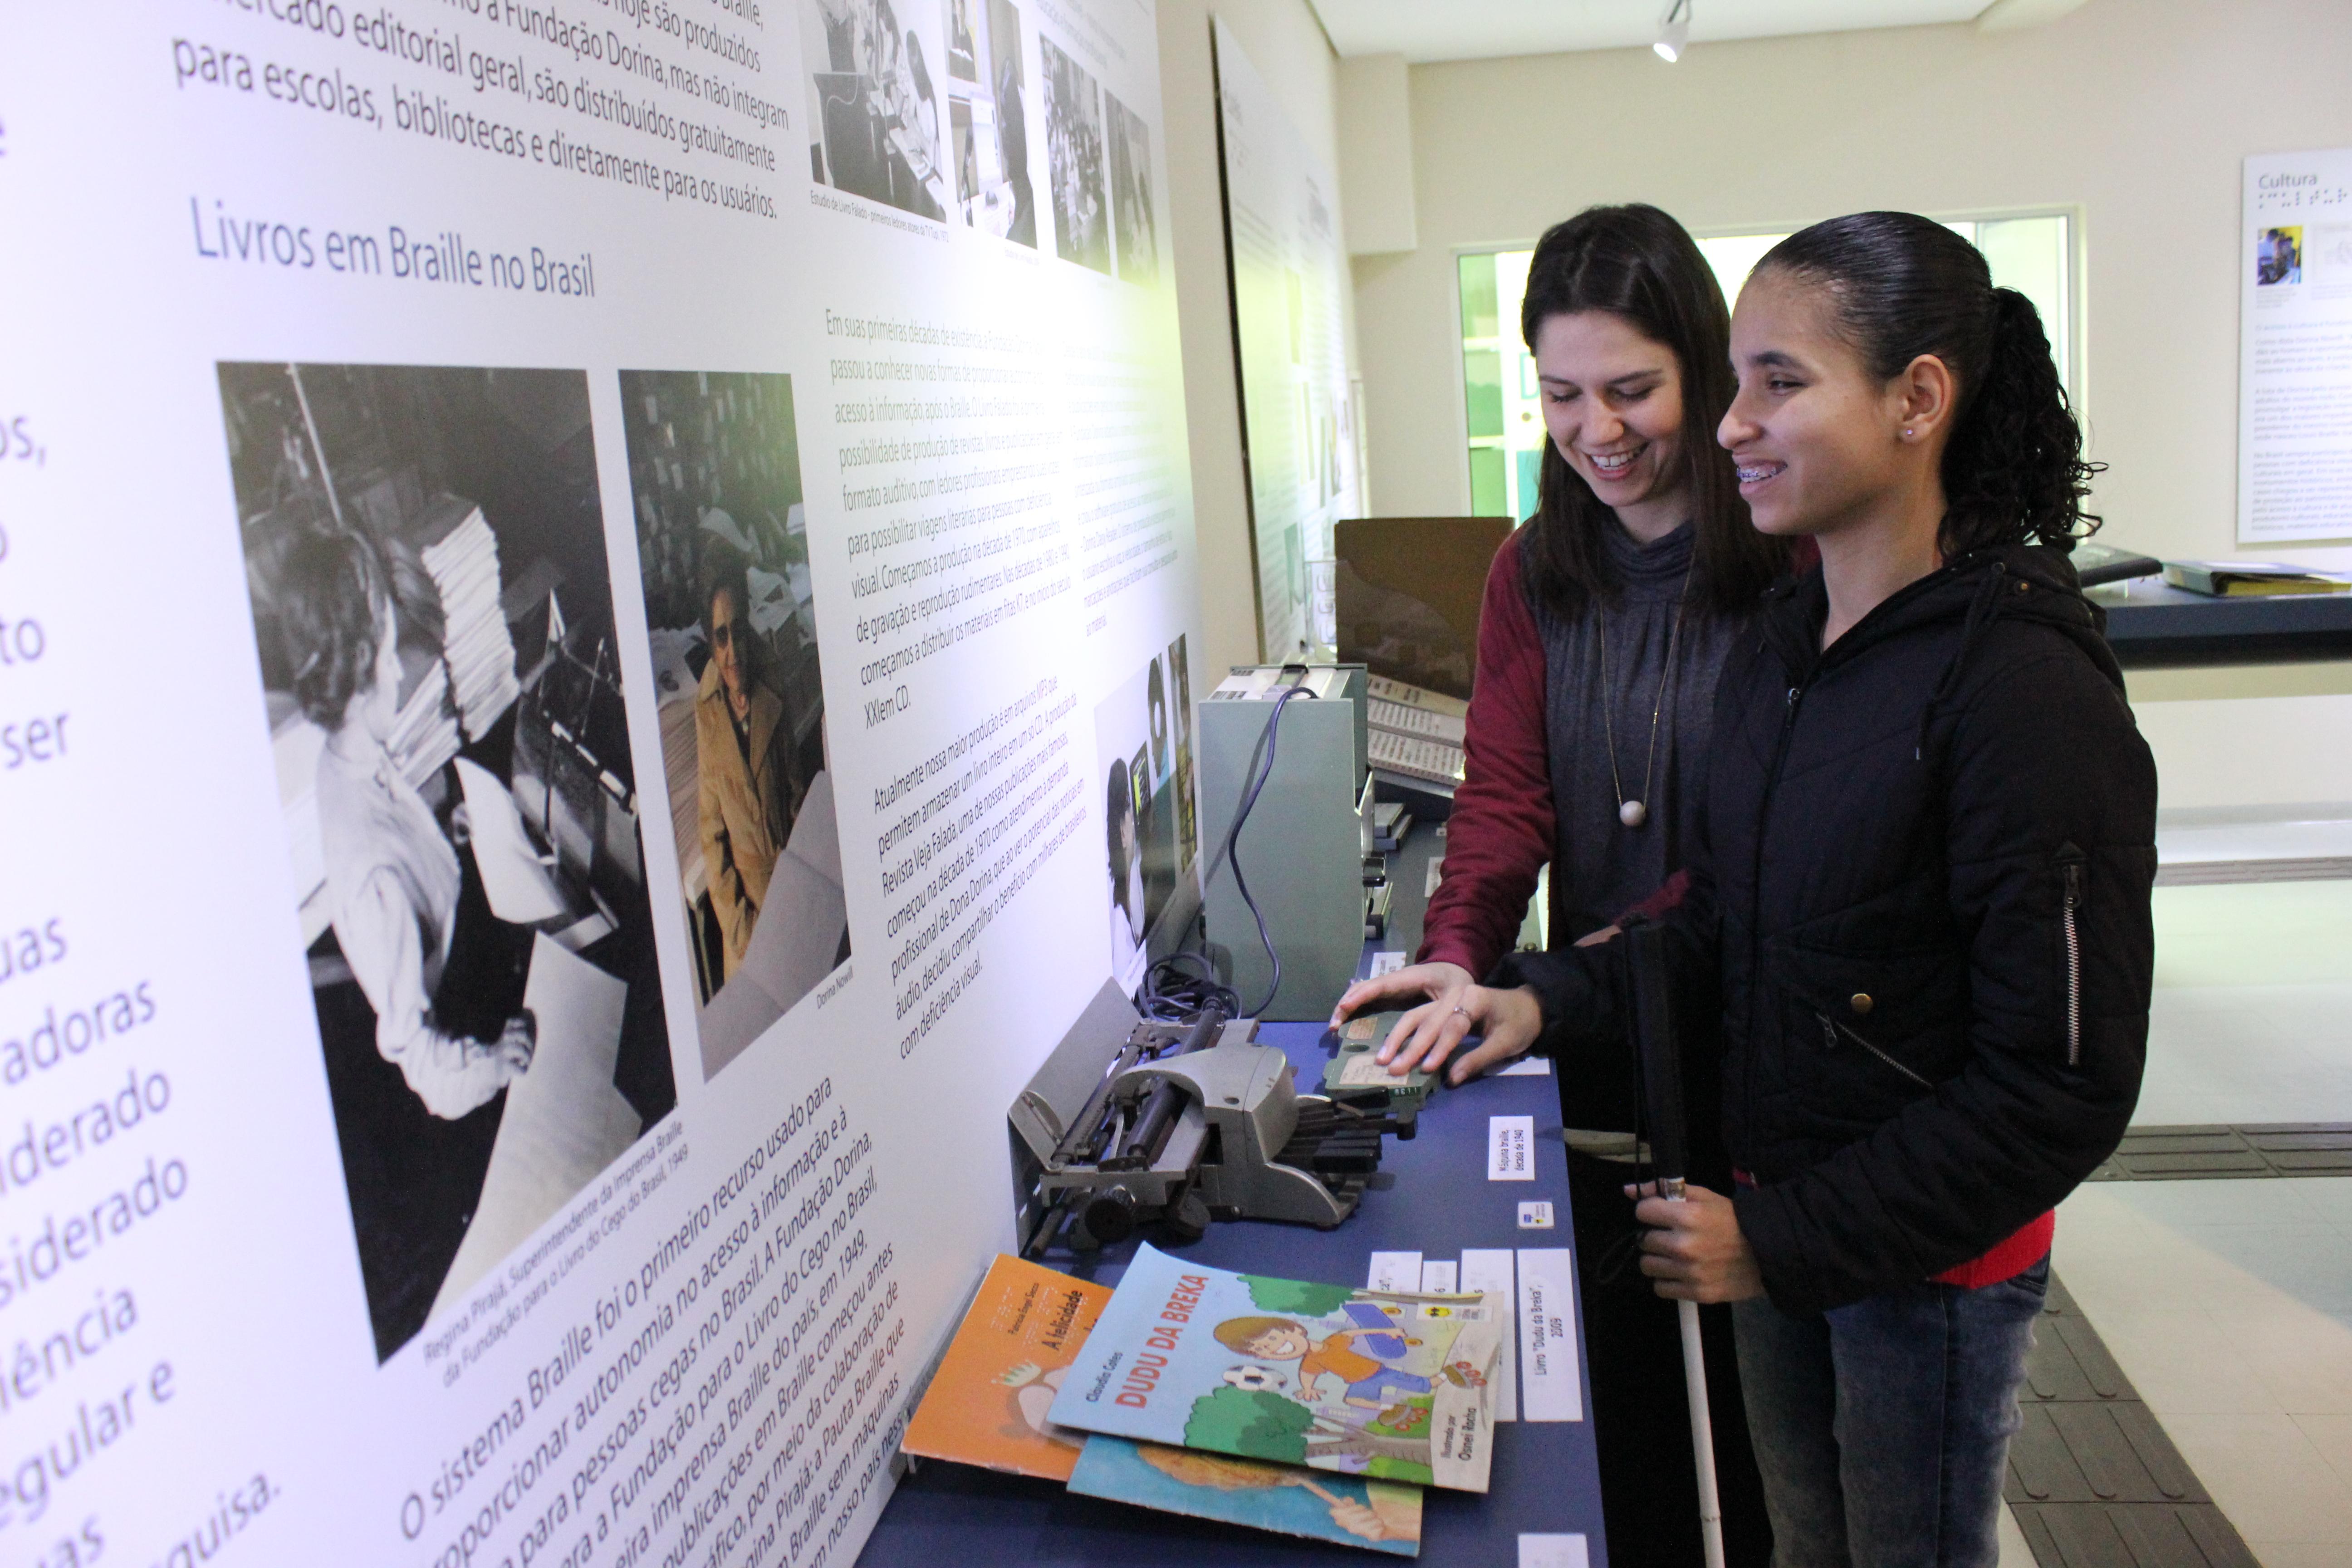 """Imagem de Silvia, educadora do Centro de Memória com uma cliente cega. Elas estão de perfil, sorrindo e tateando um maquinário da exposição que se encontra no Centro de Memória Dorina Nowill. Á frente delas, fixada na parede ao lado esquerdo da imagem, está um painel branco com fotos e textos e a frase em destaque """"Livros em Braille no Brasil"""""""